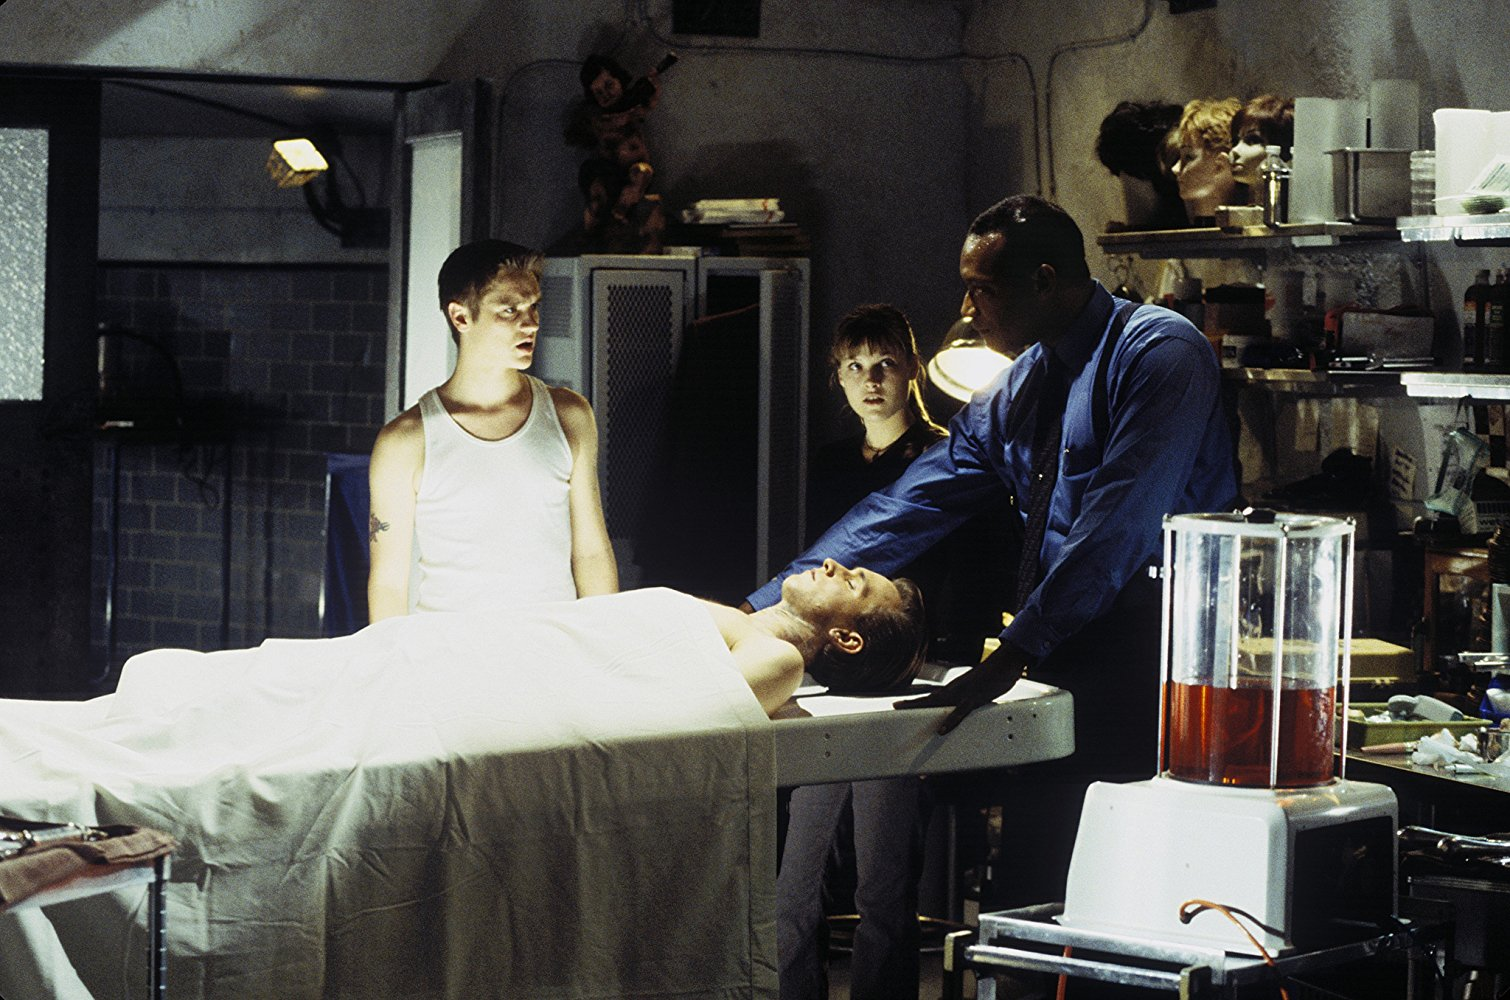 Tony Todd in Final Destination (2000)